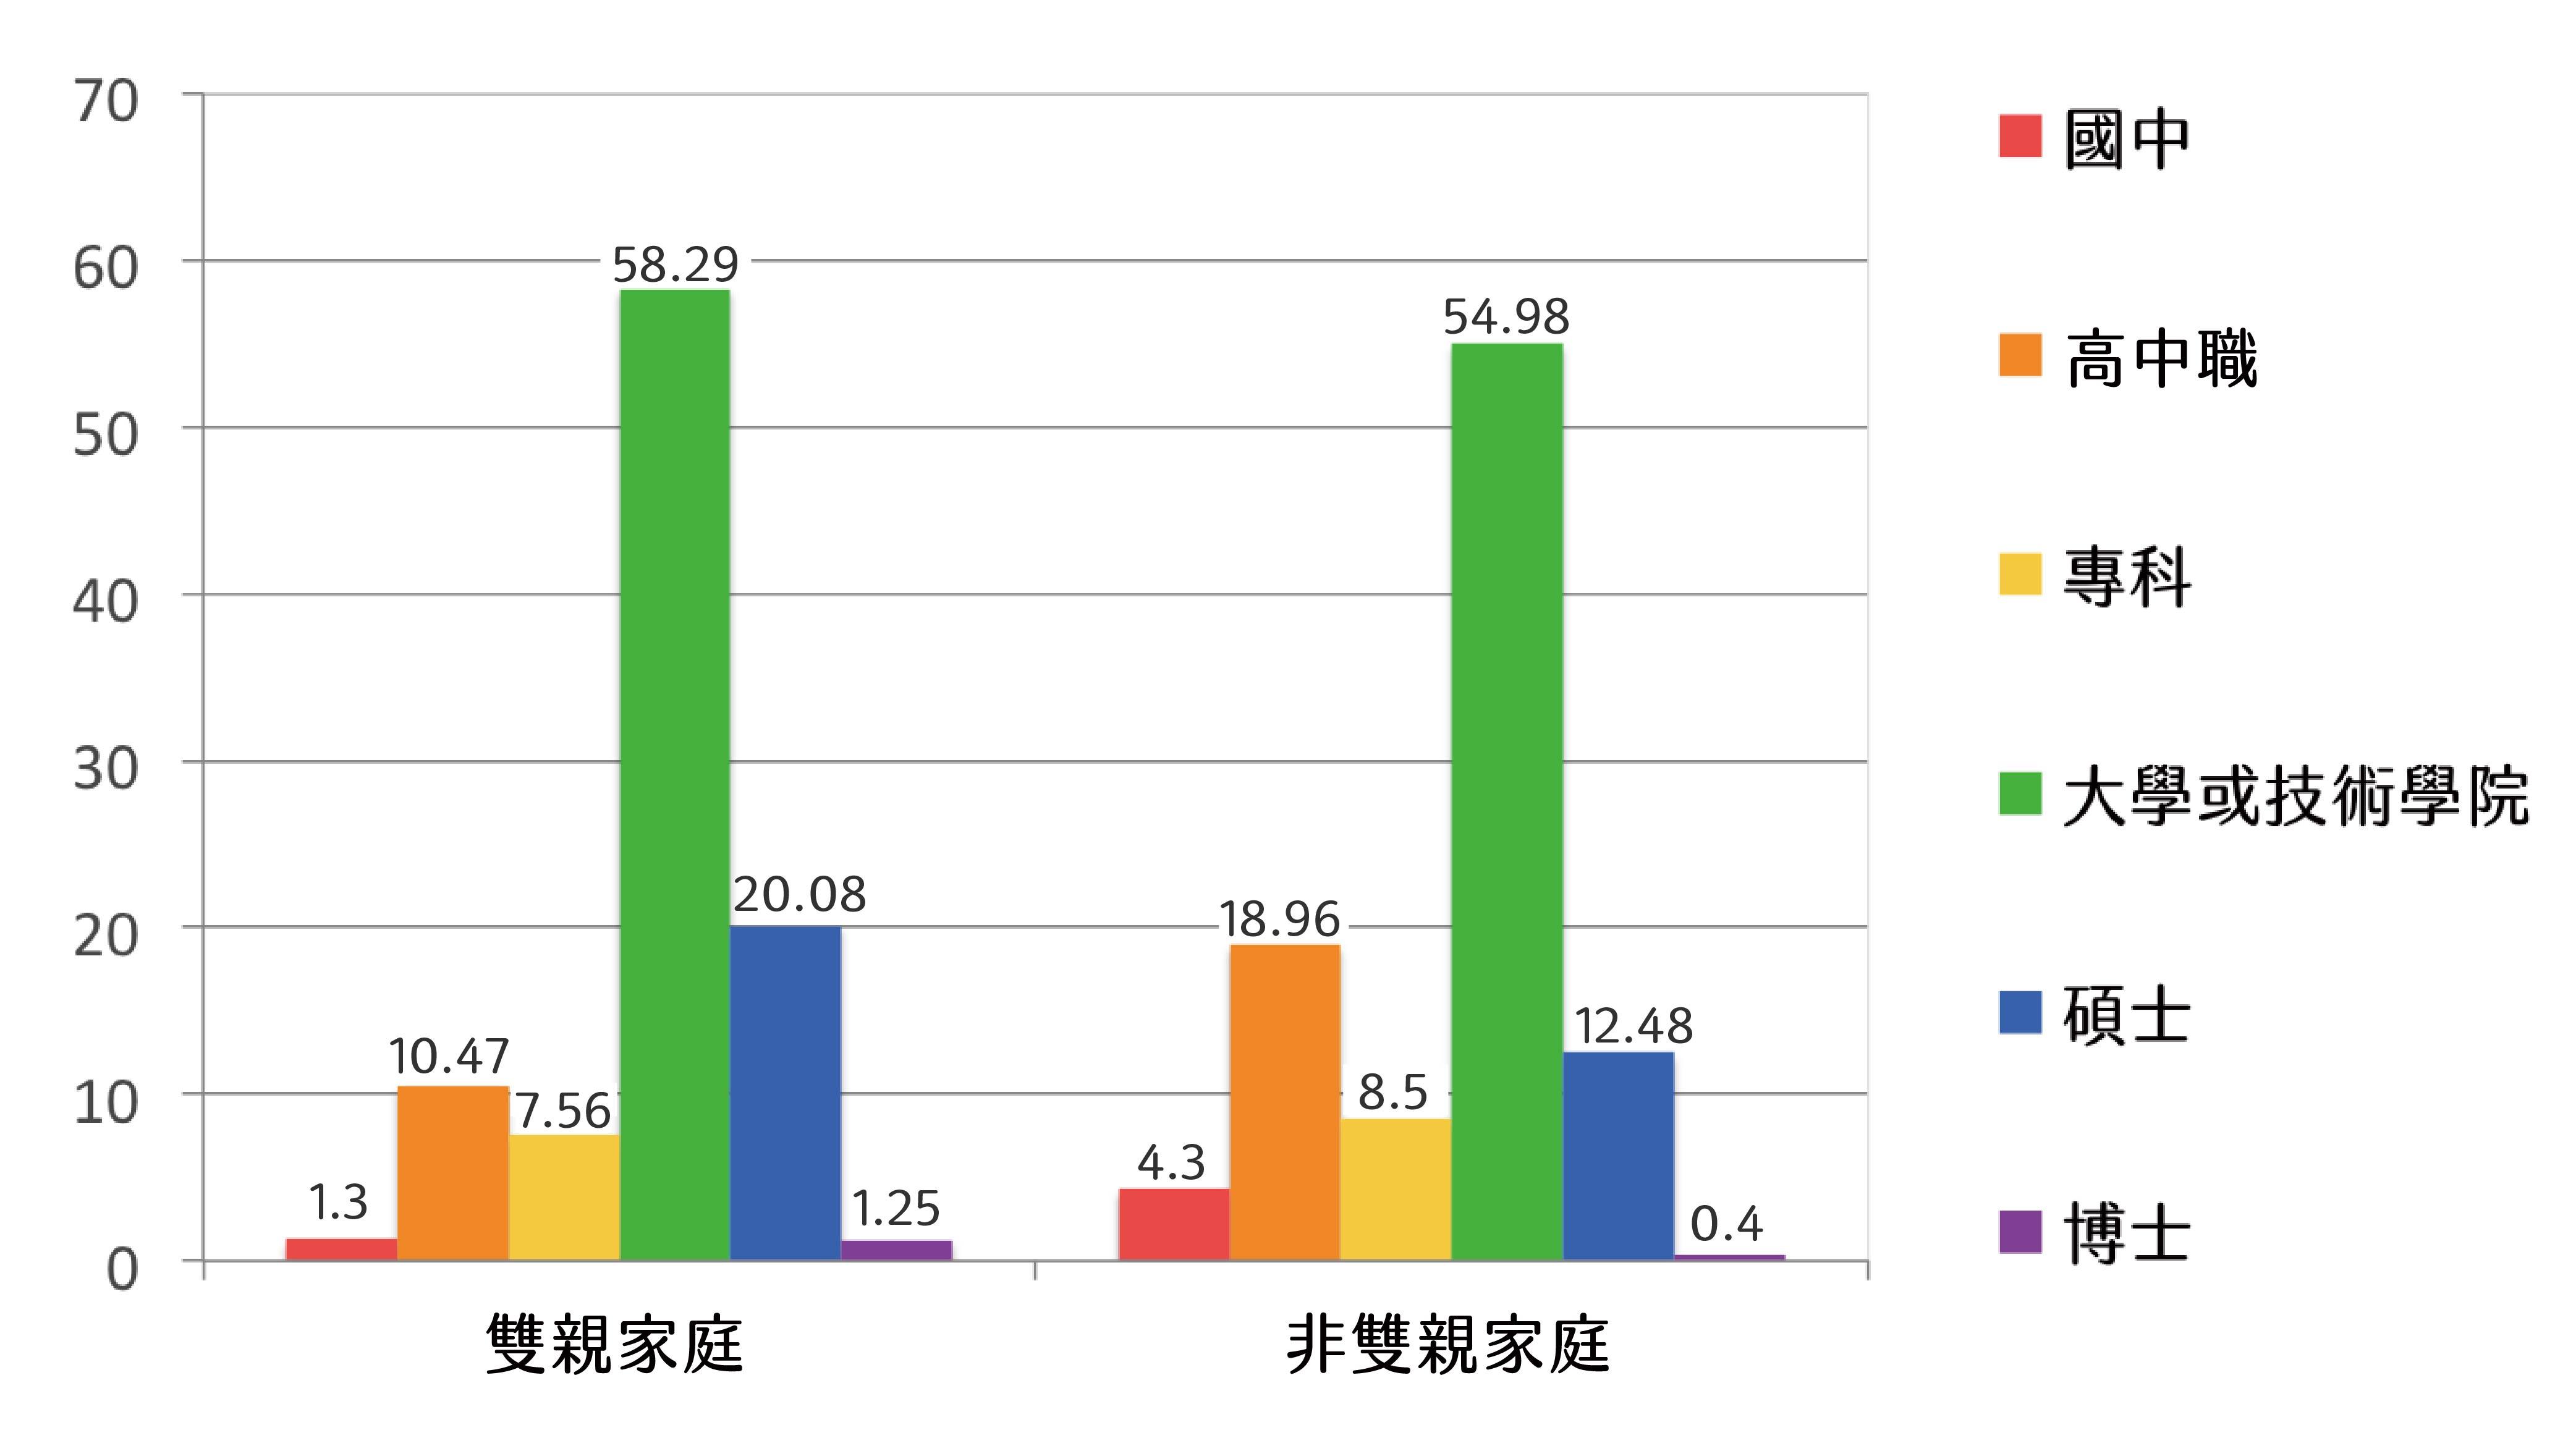 2017 年家庭結構與學業成就(樣本平均 31 歲)圖│研之有物(資料來源│伊慶春)